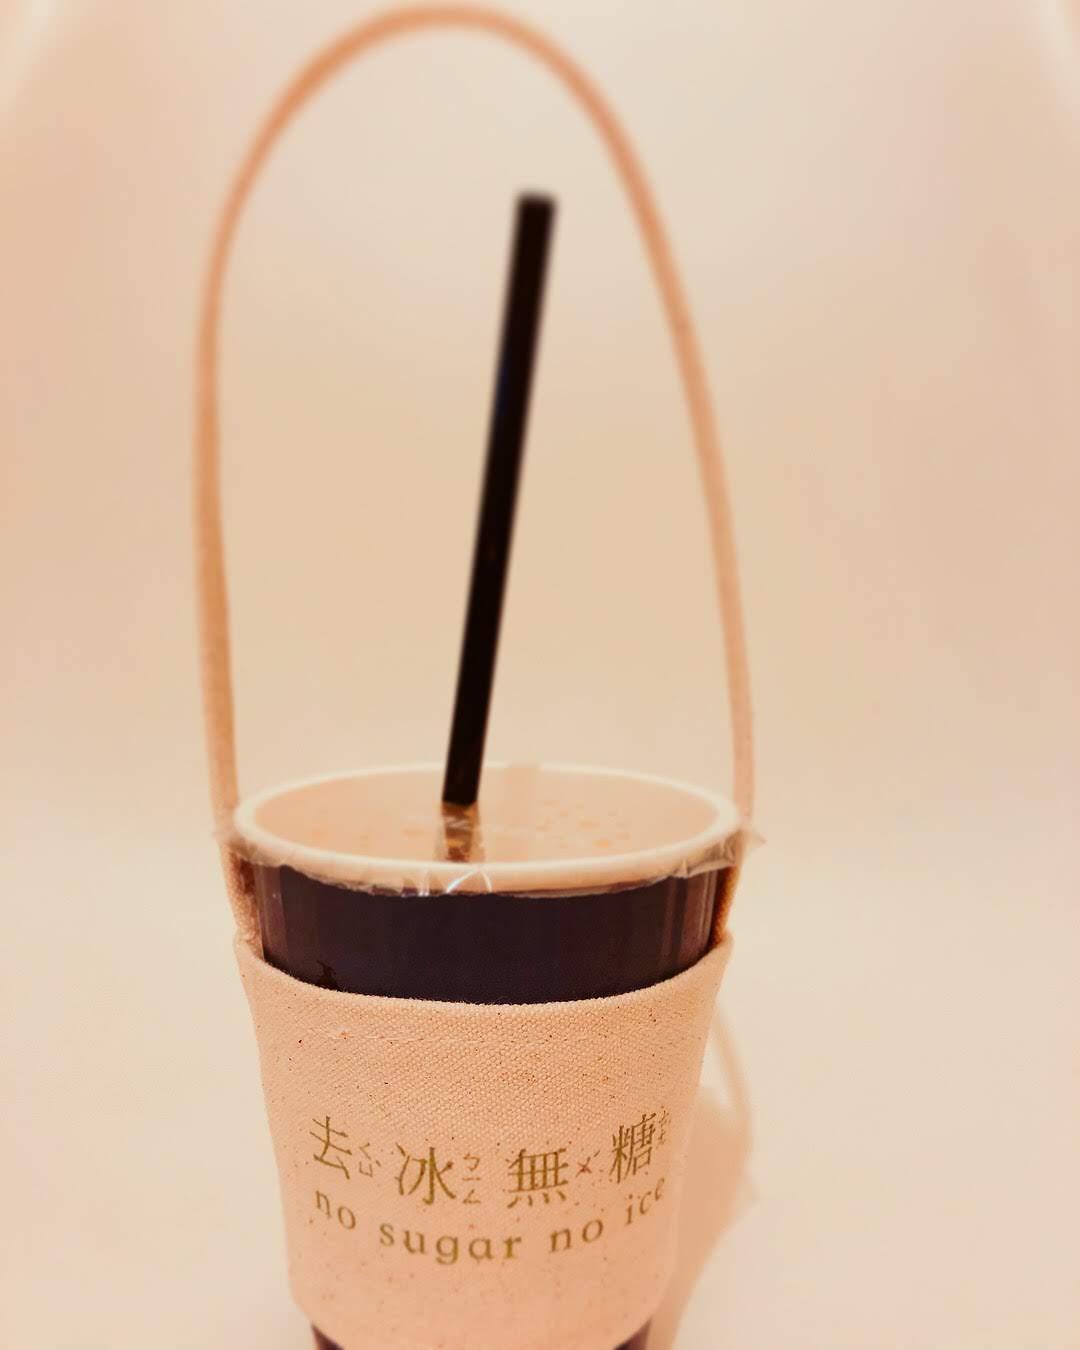 台湾からのプレゼントやお土産に、メイドイン台湾のすすめ。